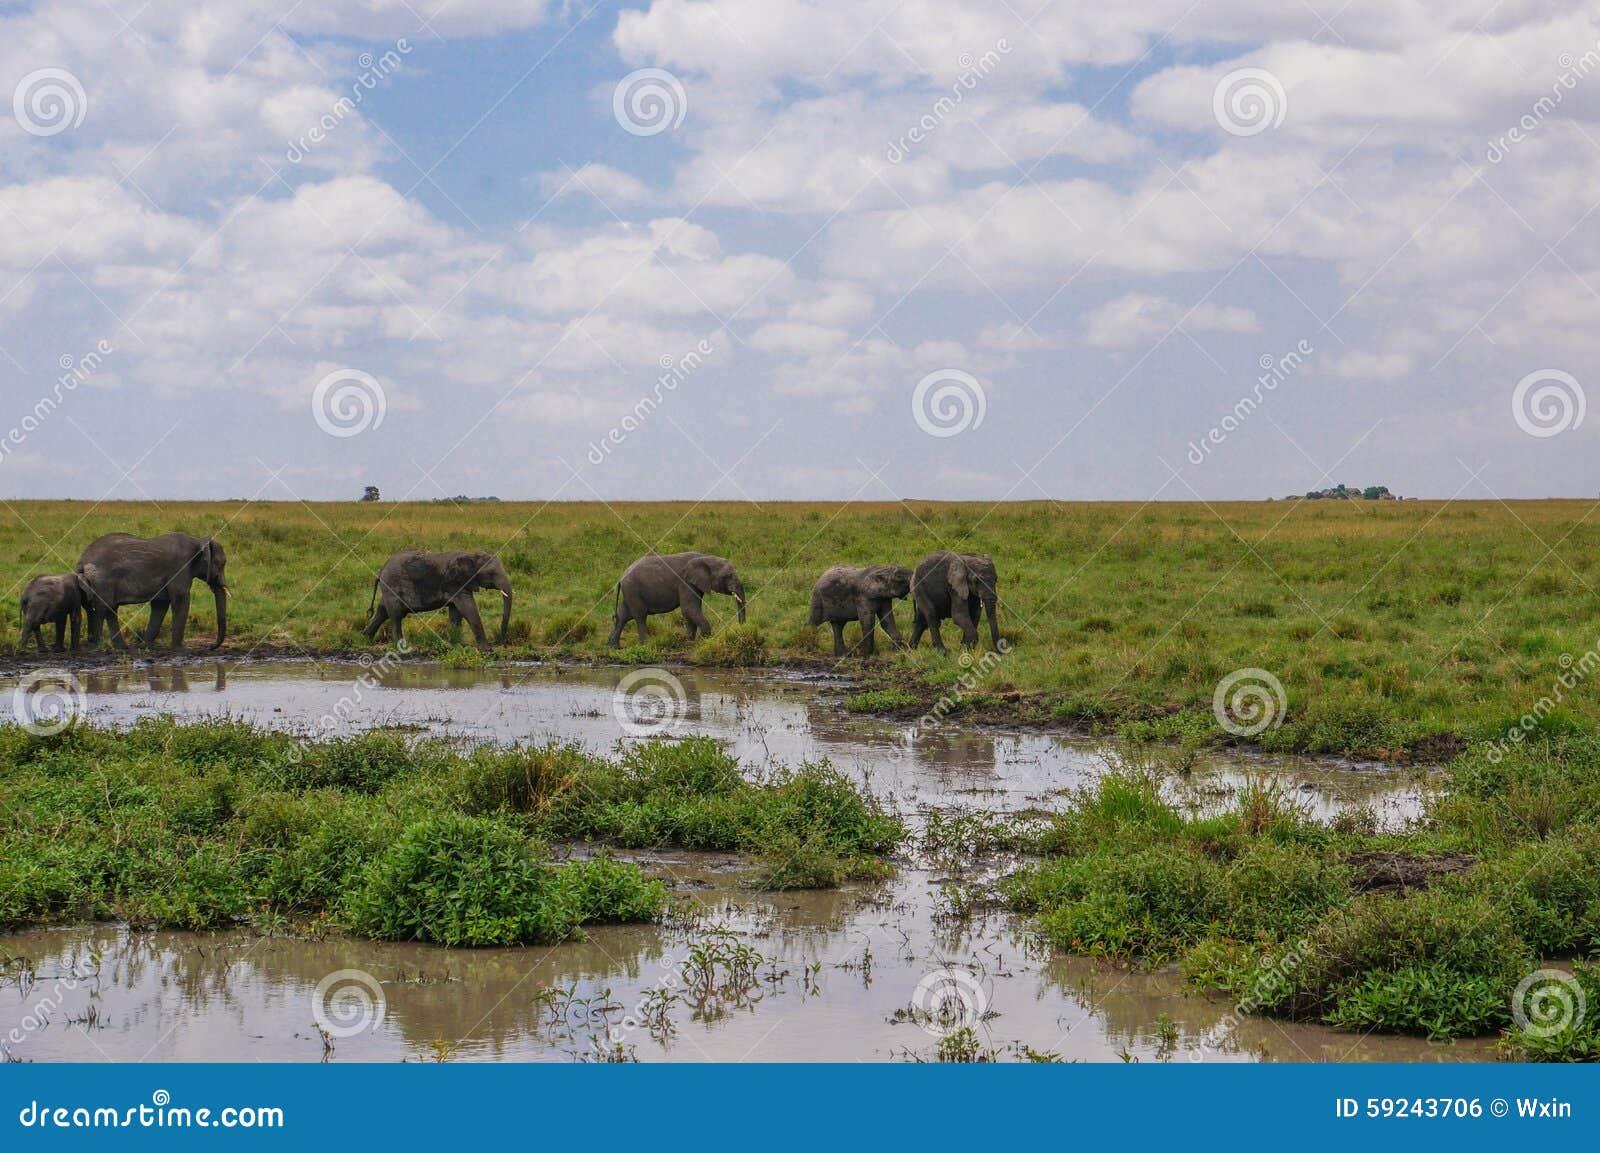 Download En santuario de fauna foto de archivo. Imagen de prado - 59243706